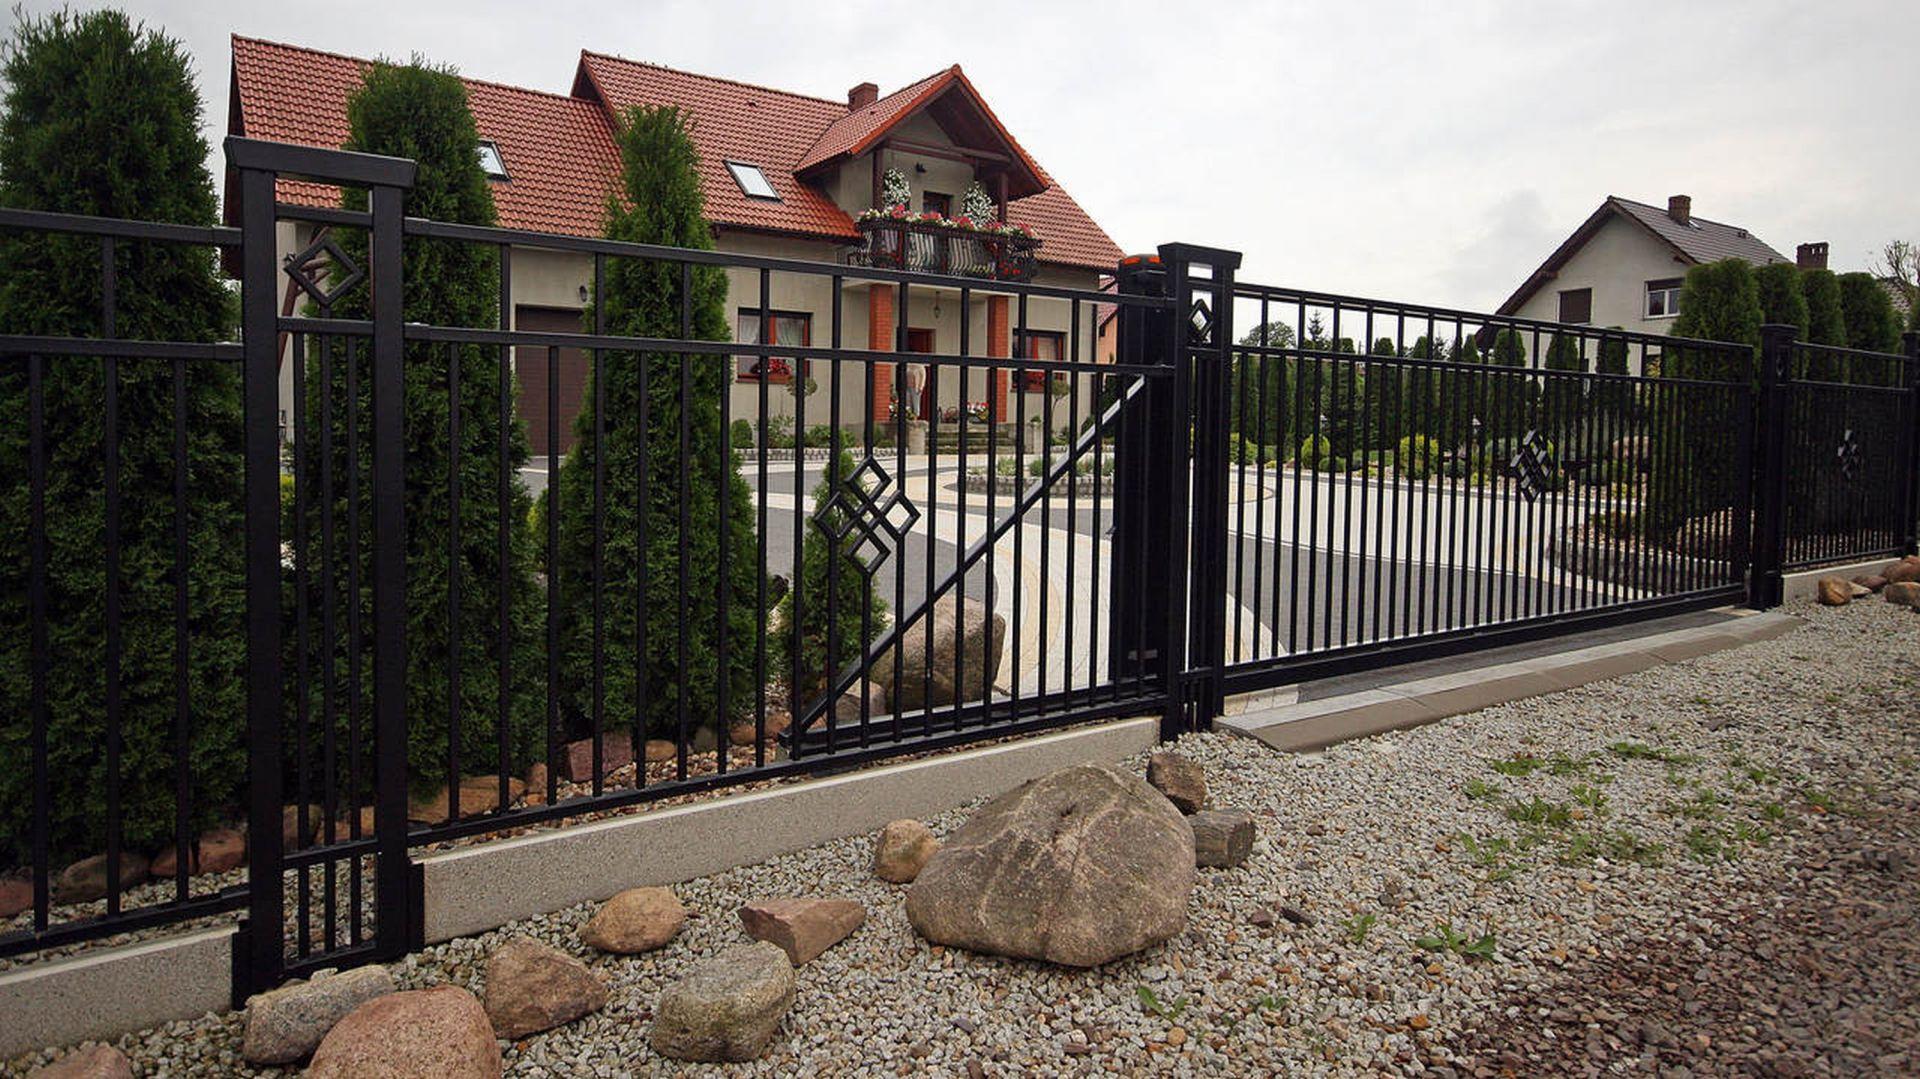 Nowoczesne ogrodzenie frontowe to kompletny system, który pozwala skonfigurować ogrodzenie dopasowane do potrzeb konkretnej działki i gustu inwestora. Fot. Plast-Met Systemy Ogrodzeniowe model Jaspis